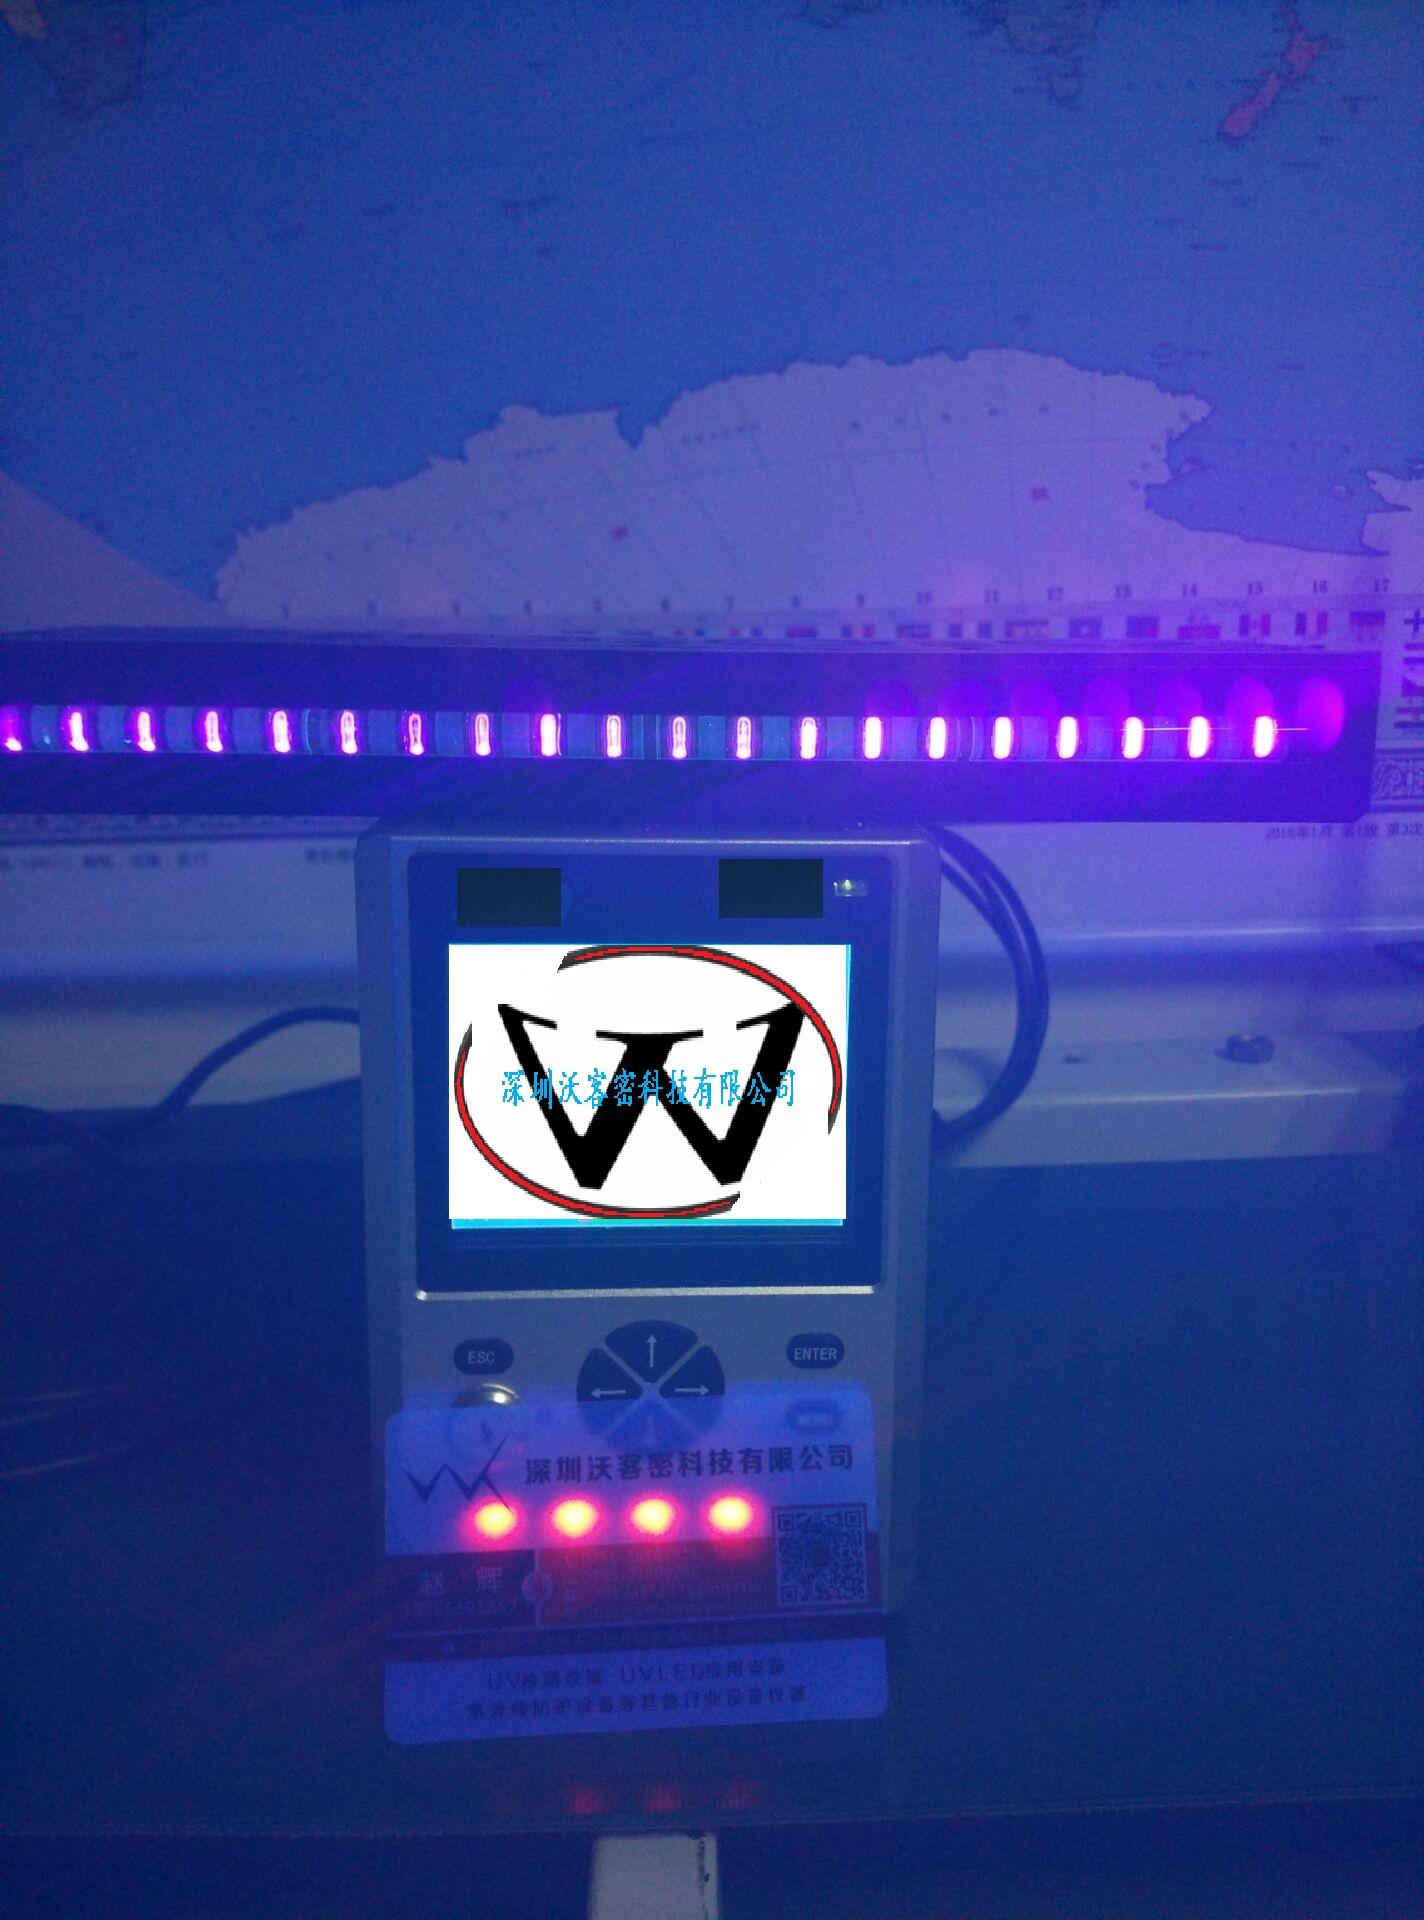 【义乌厂家直供】无影胶光固机uv光固化紫外线固化设备uv炉